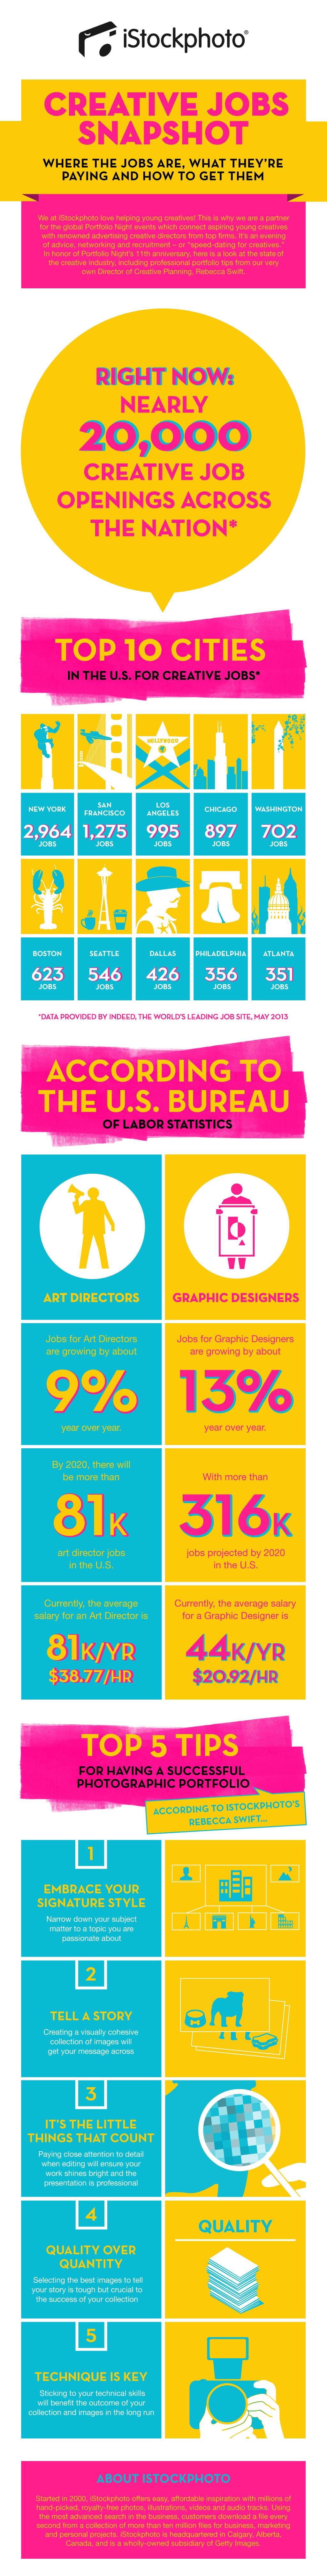 iStockPhoto's Creative Jobs Snapshot [Infographic]